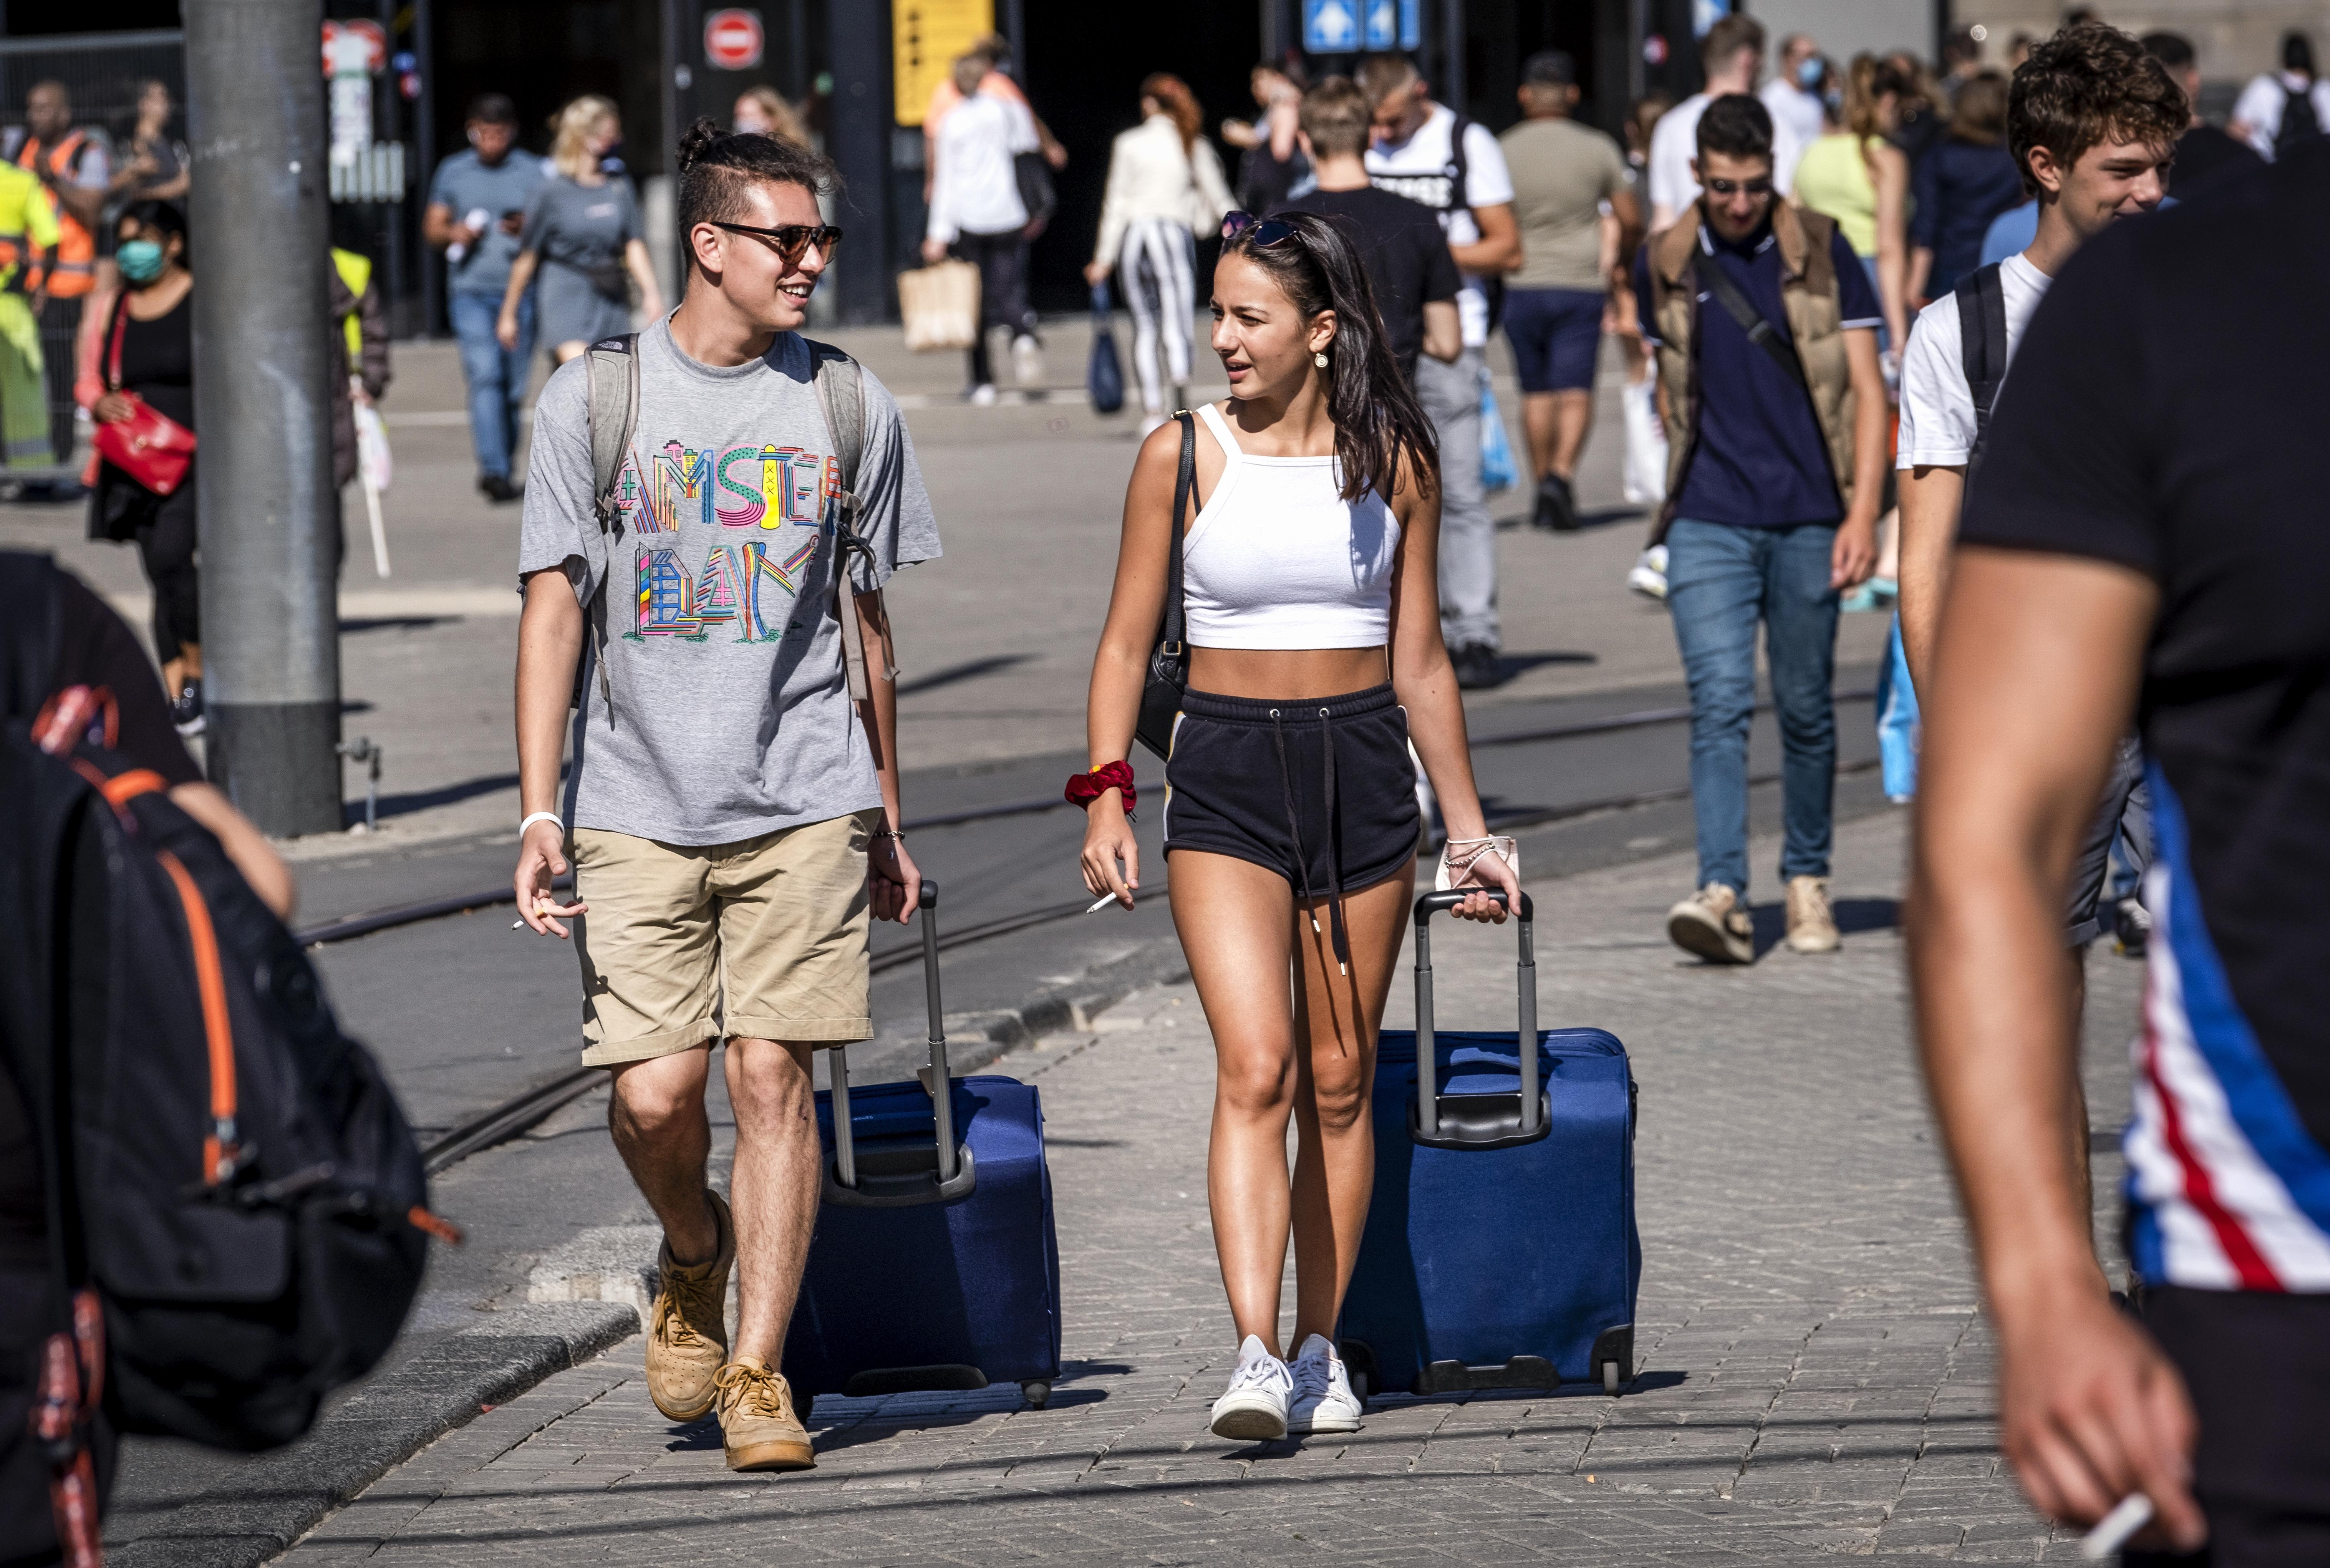 Corona raakt toerisme het hardst in Noord-Holland, Zuid-Holland ook behoorlijk knock out in tweede kwartaal, blijkt uit nieuwe CBS-cijfers